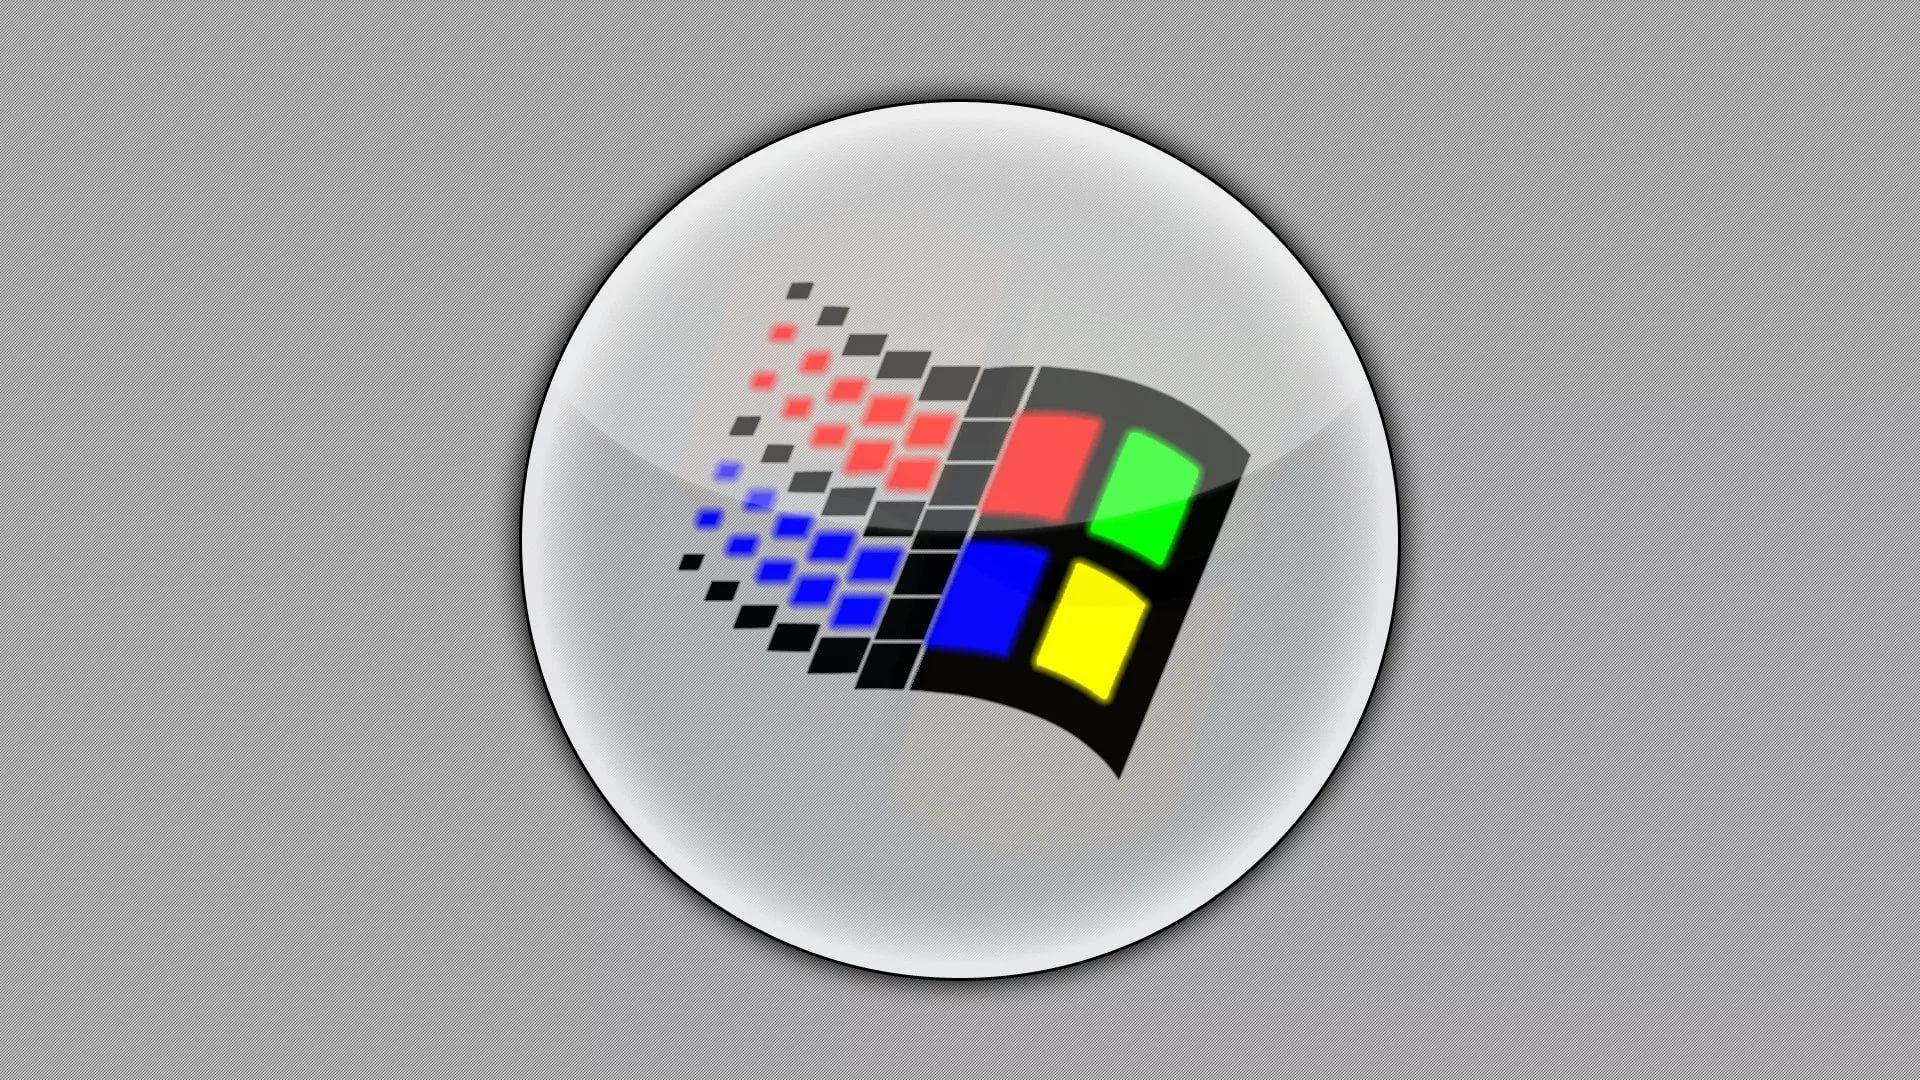 Windows wallpaper theme